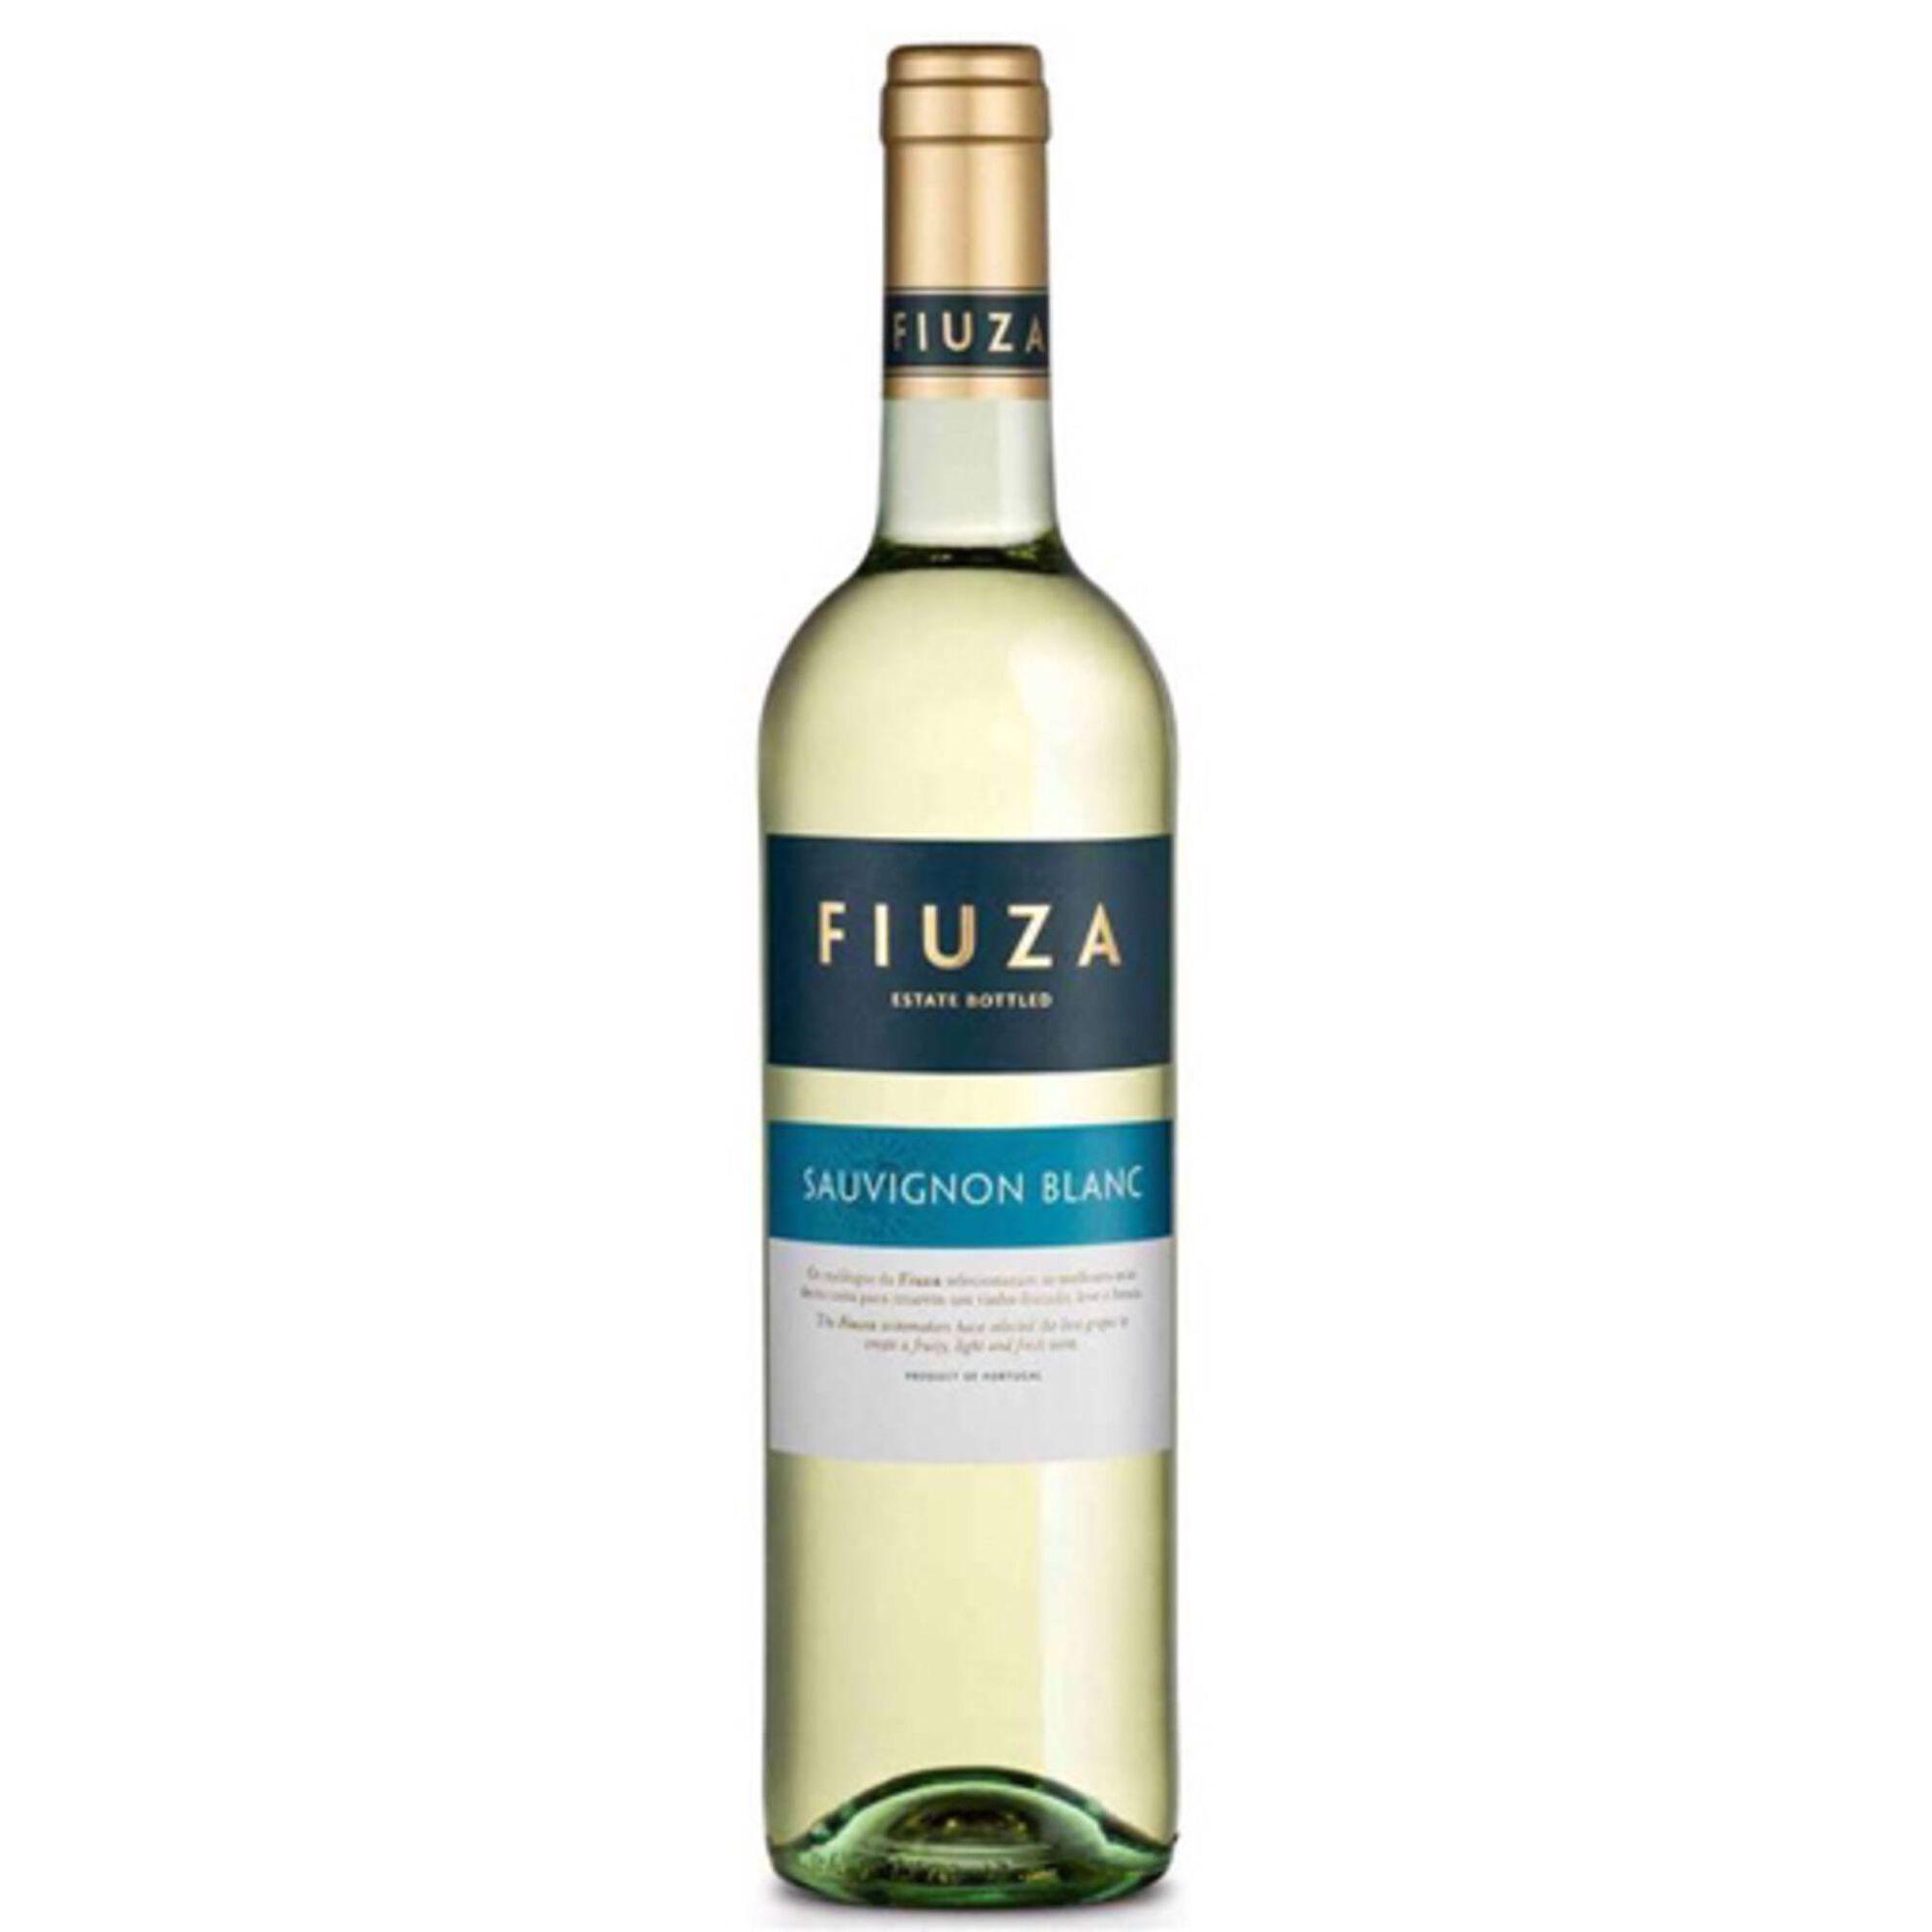 Fiuza Sauvignon Blanc Regional Tejo Vinho Branco